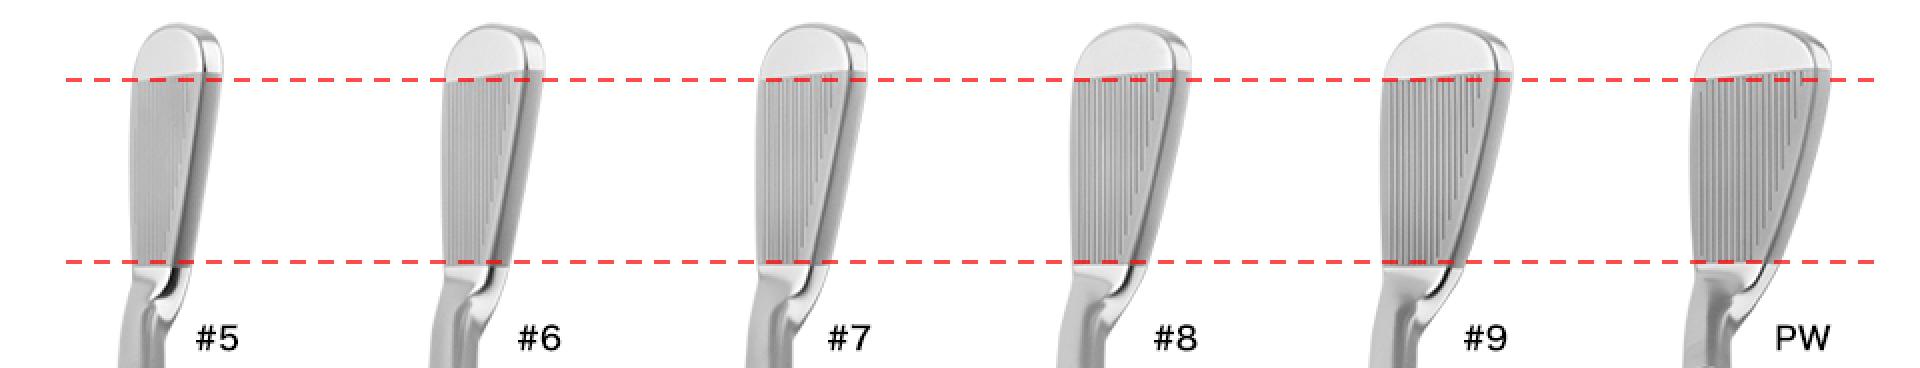 同じ長さ、同じ重量のアイアンセットは同じヘッド軌道でインパクトできる